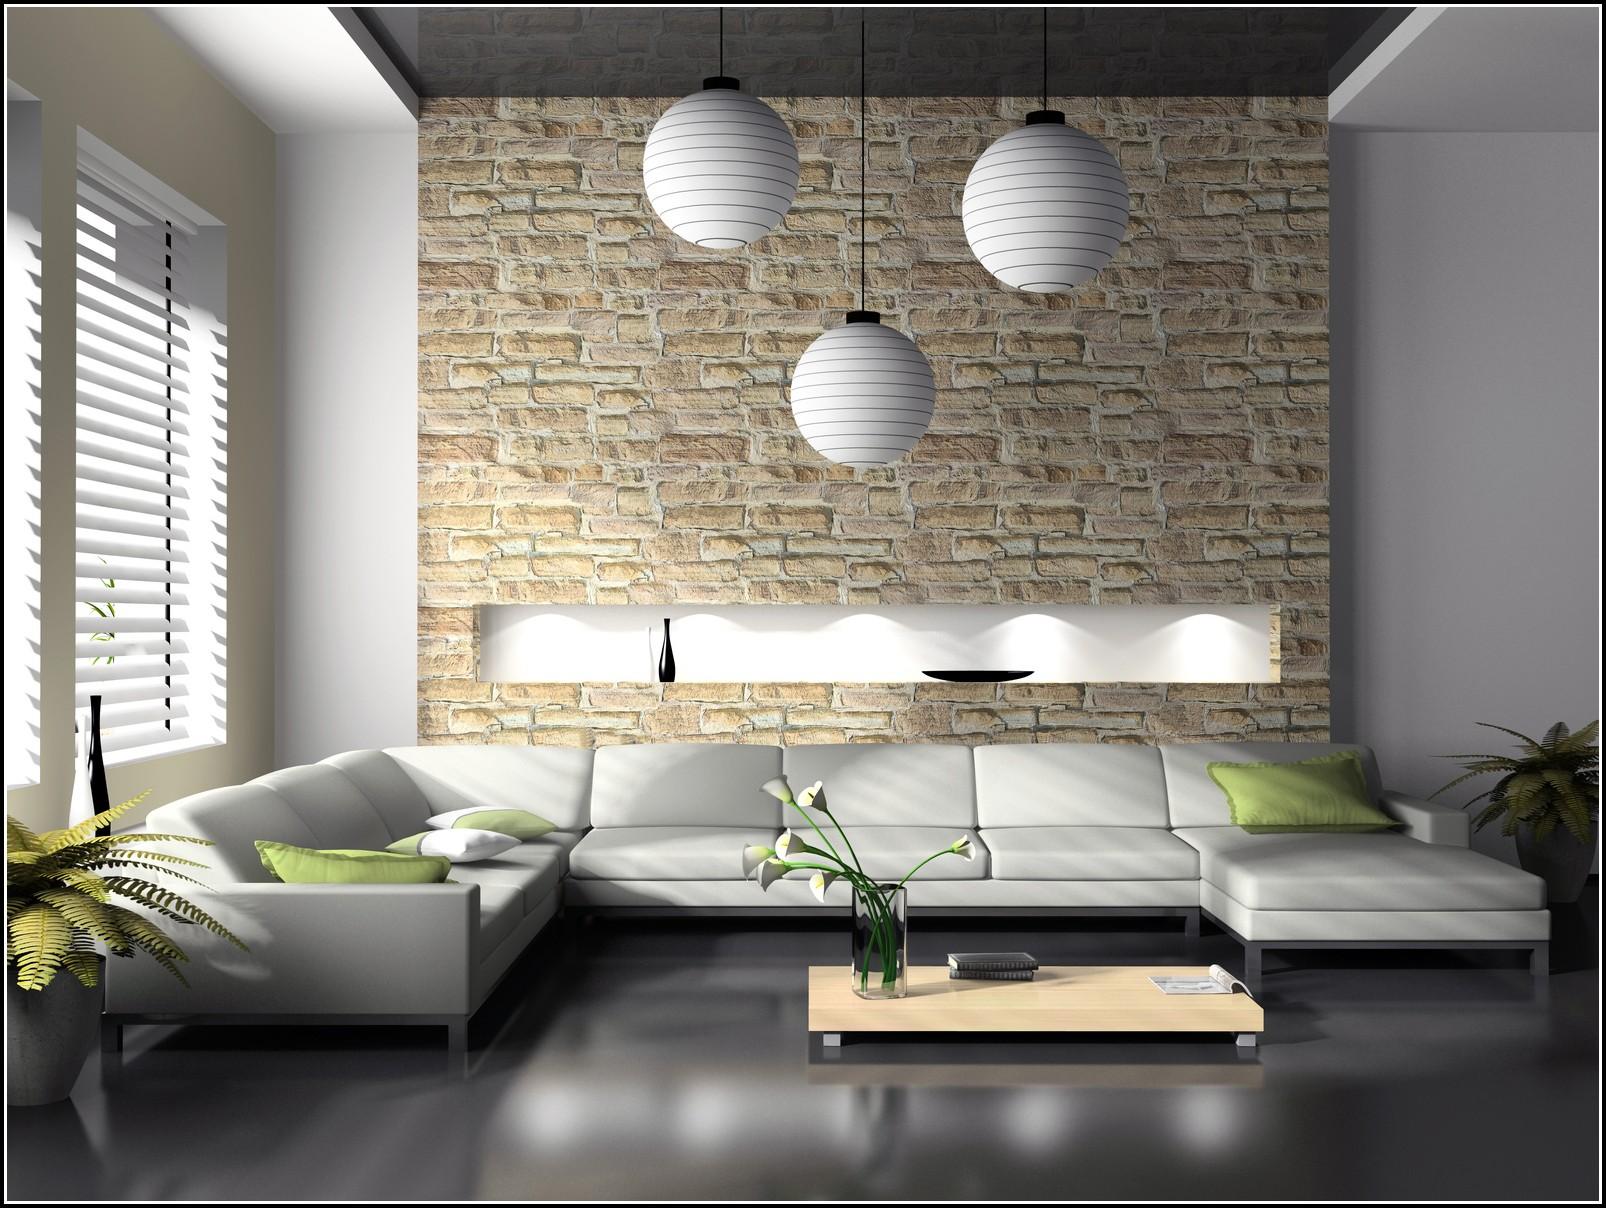 Bilder Von Modernen Wohnzimmer